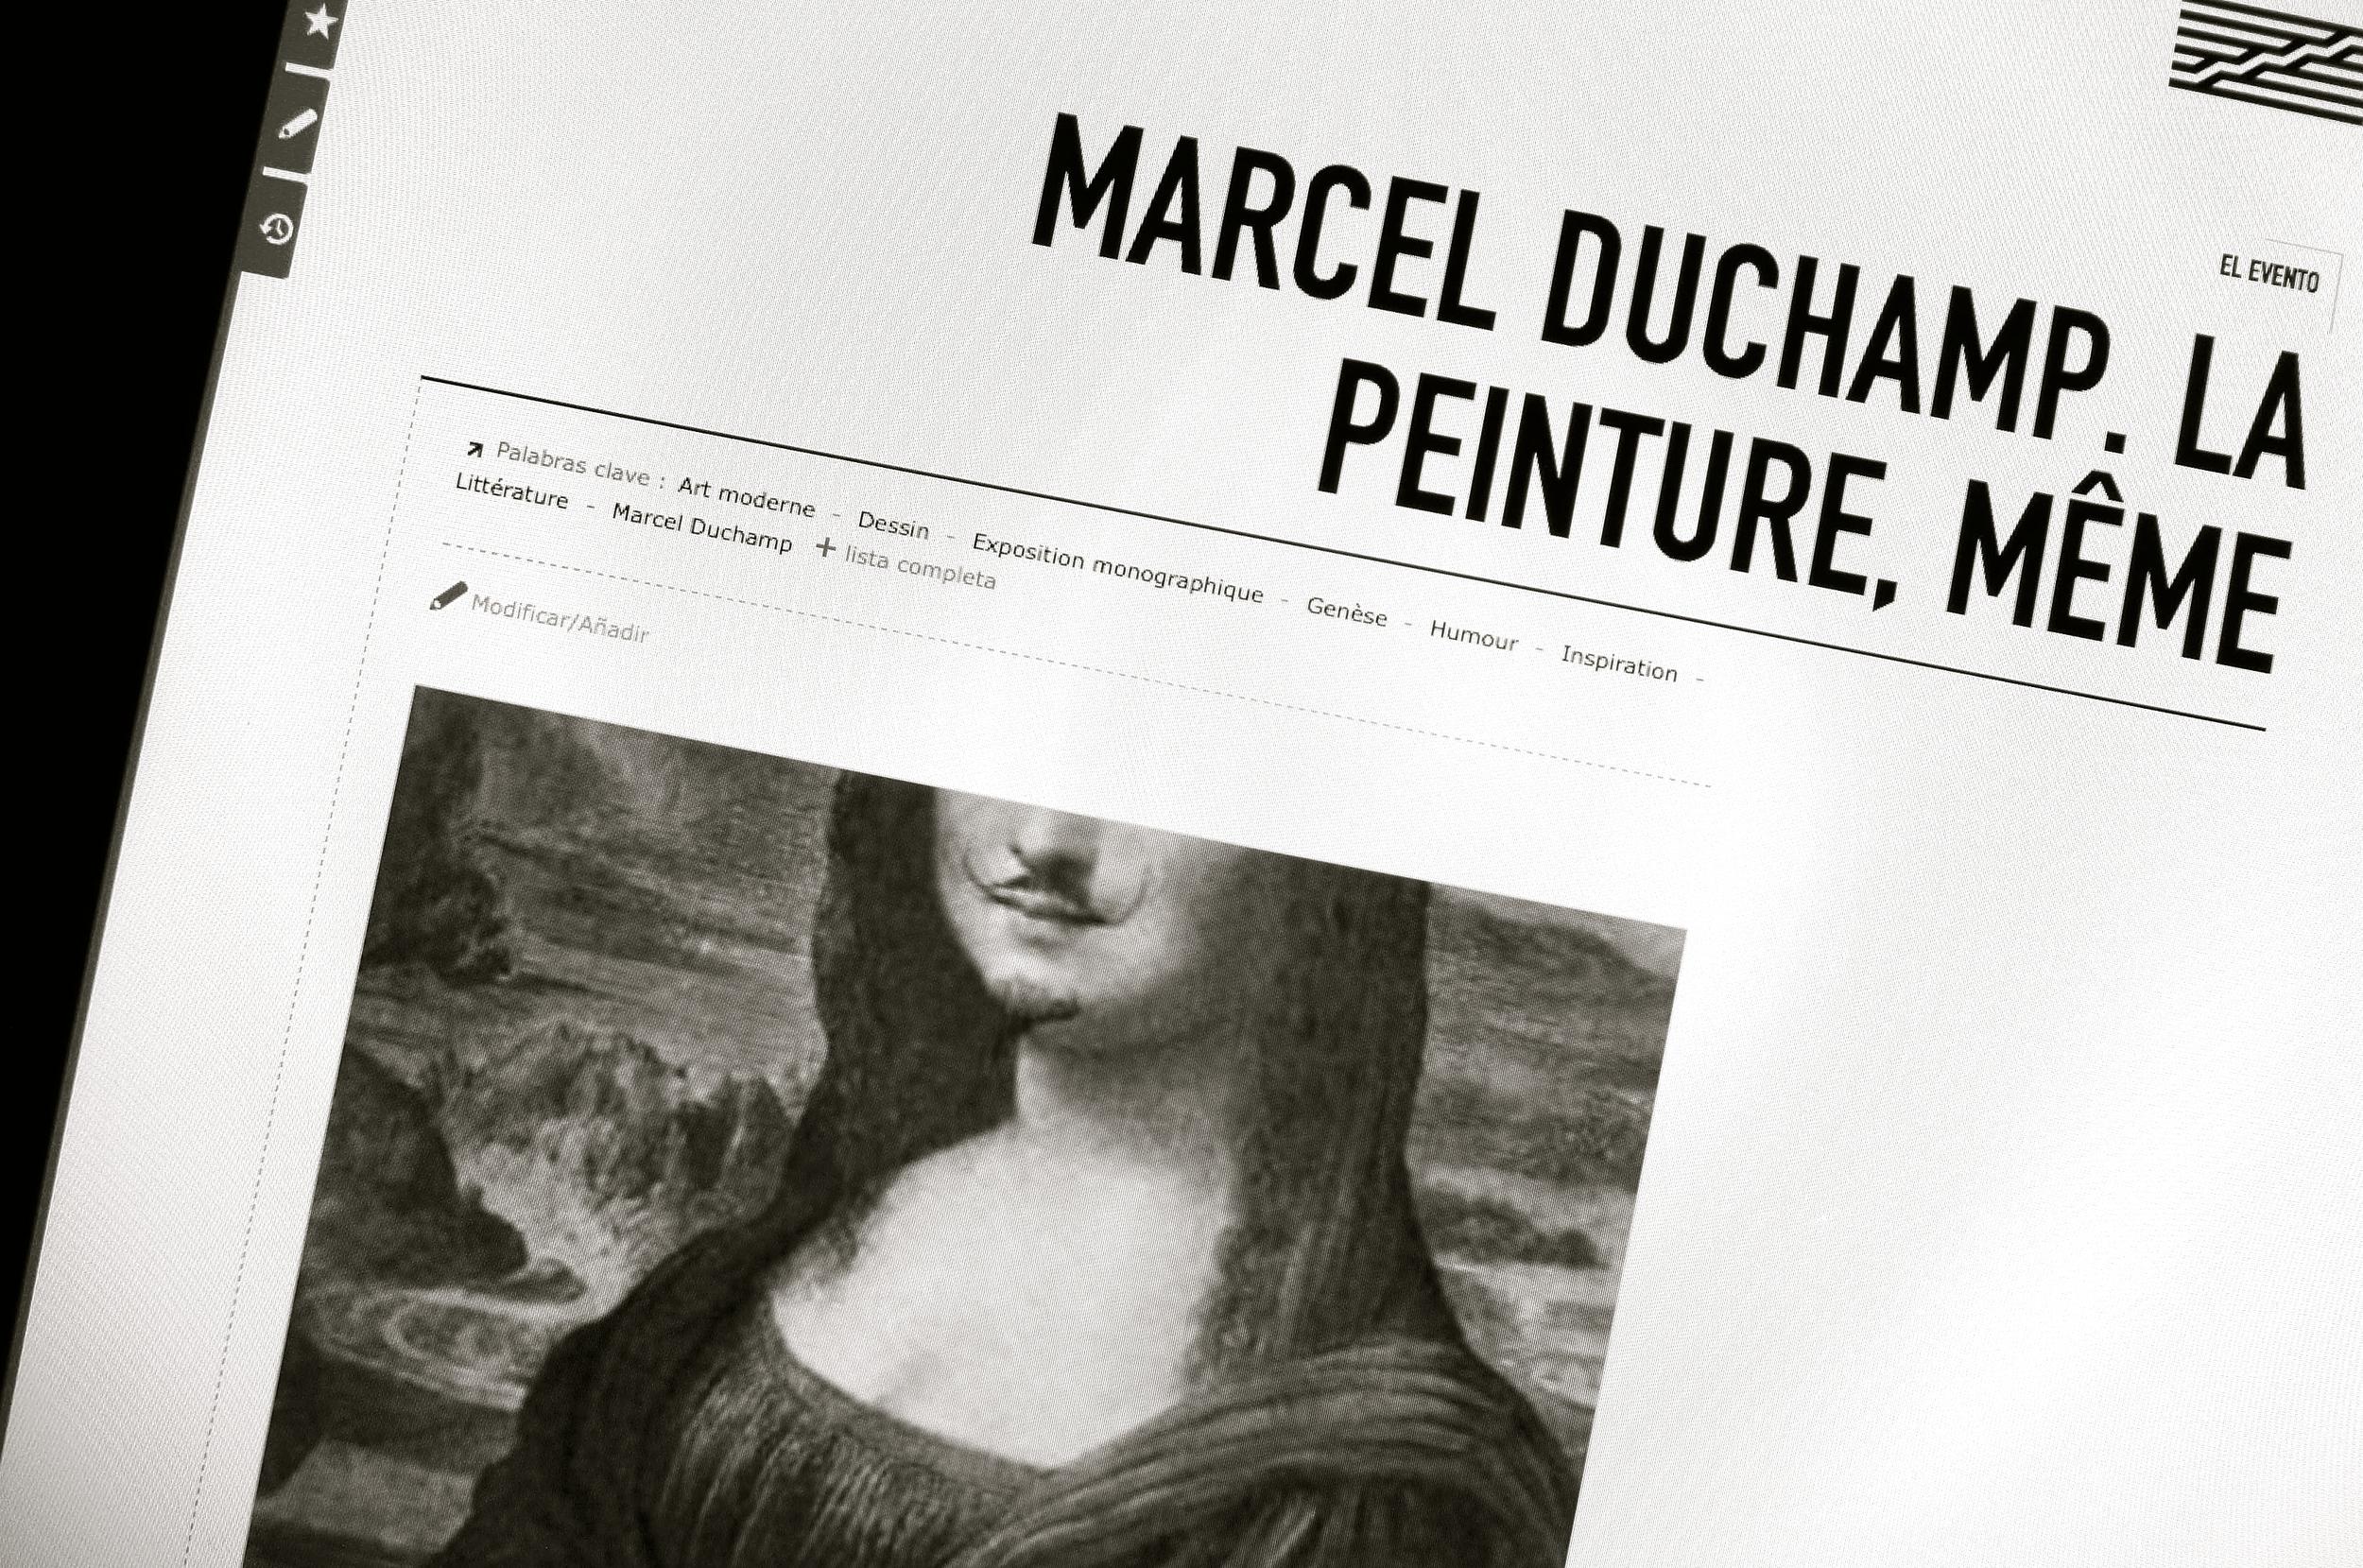 Marcel Duchamp La peinture même